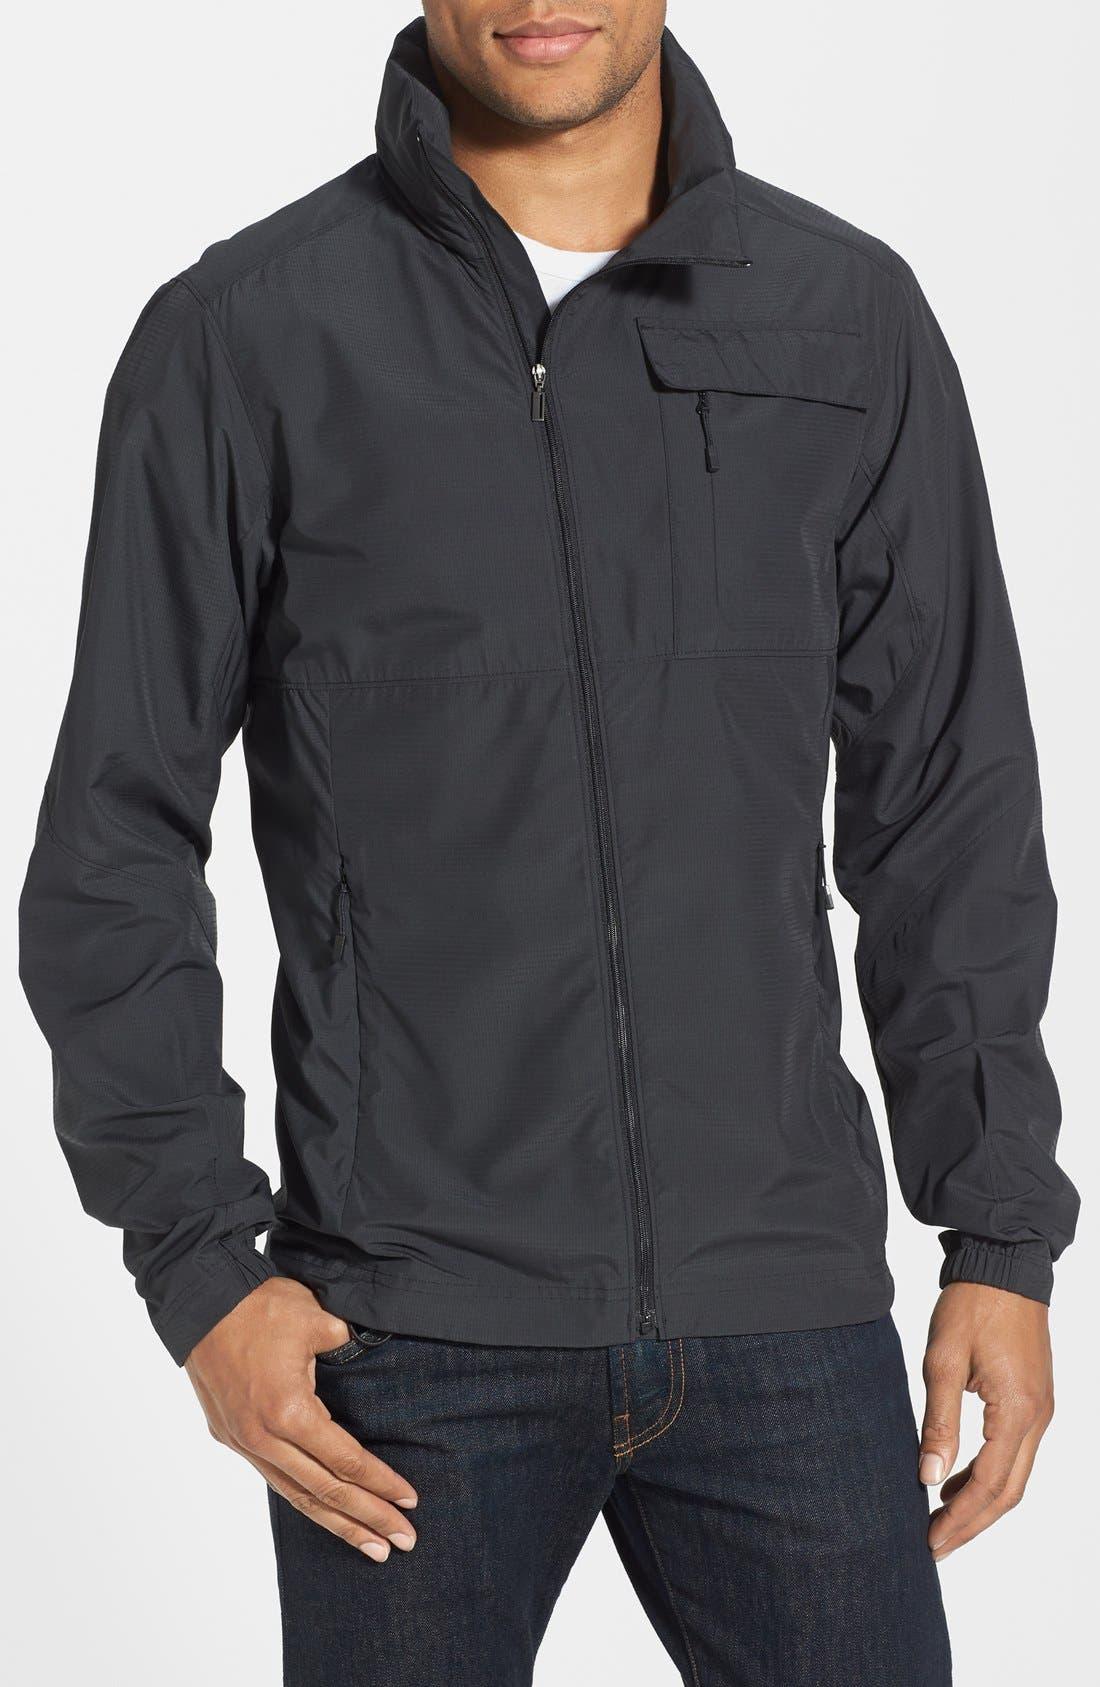 Alternate Image 1 Selected - Nau 'Lightbeam' Water Resistant Full Zip Jacket